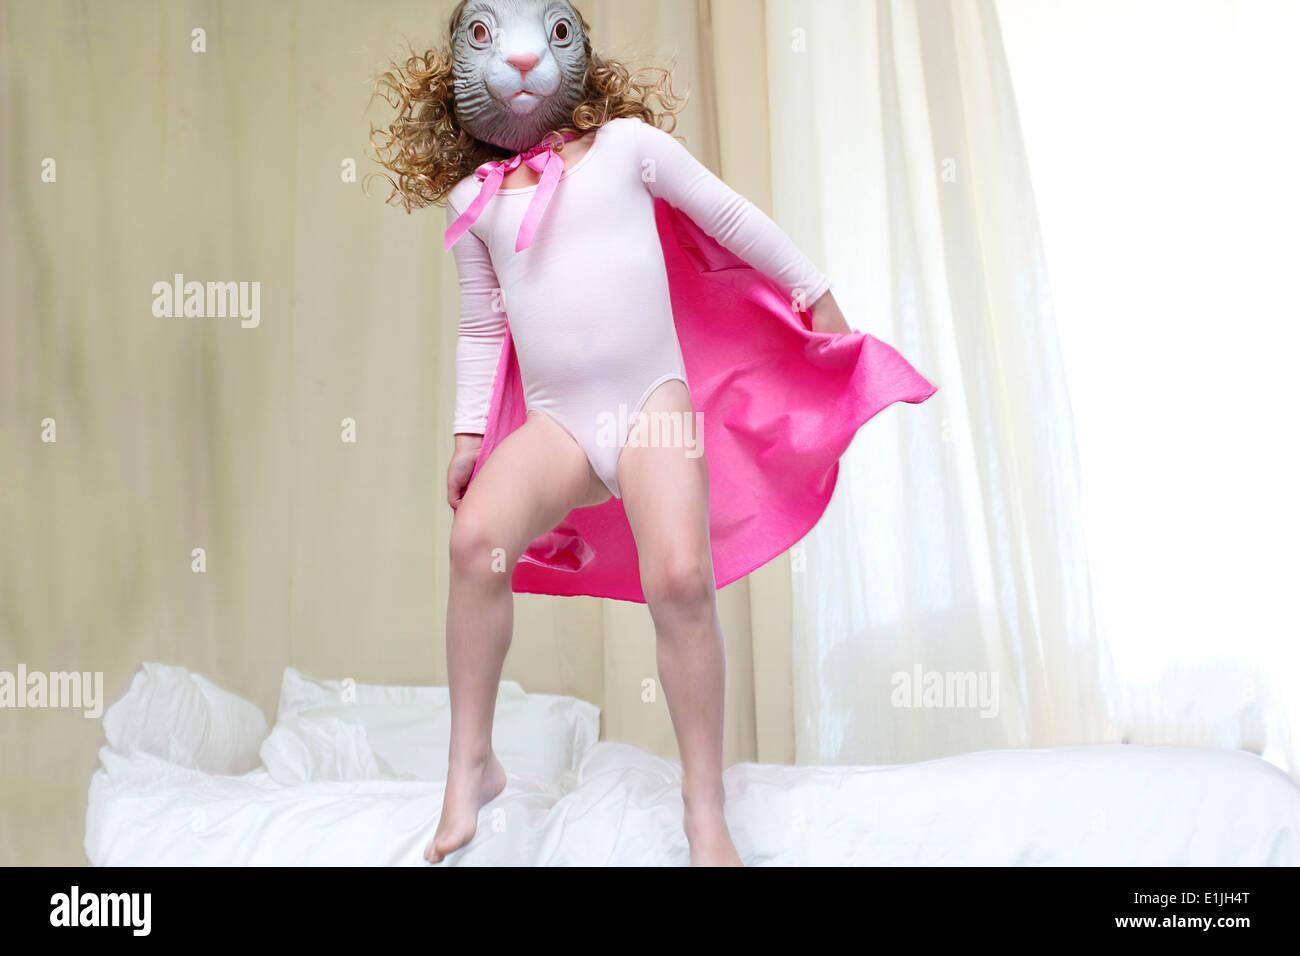 Niña vestido como un conejo princesa bailando en la cama Imagen De Stock